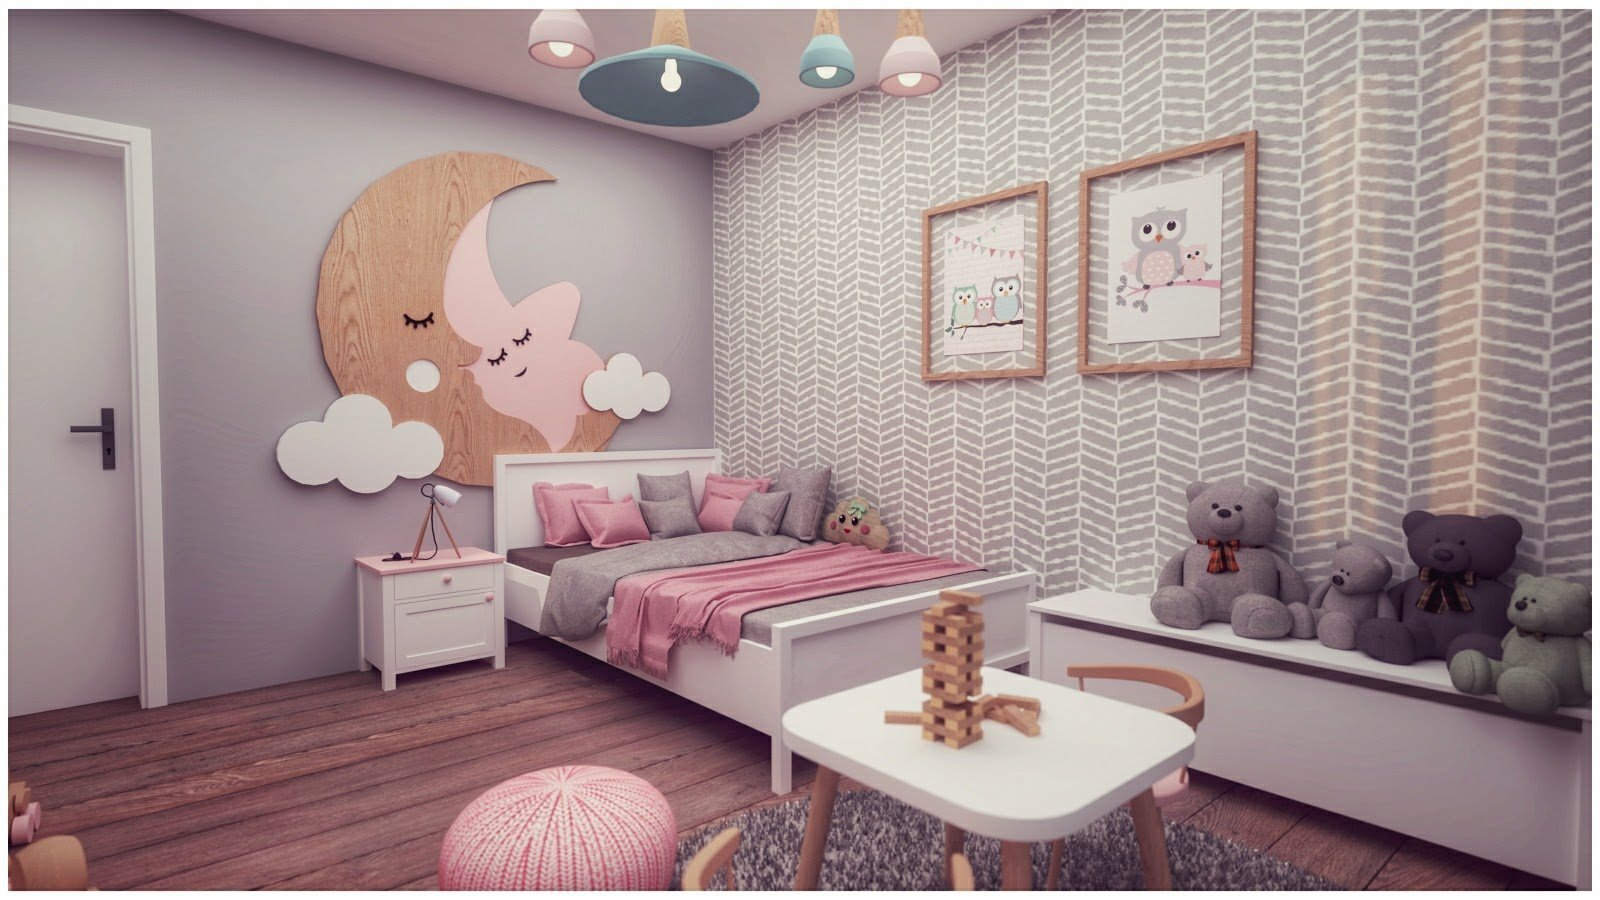 Detská izba je vždy také malé kráľovstvo. Tentokrát mu bude vládnuť malá princezná, ktorej sme návrhom spravili veľkú radosť... :-)